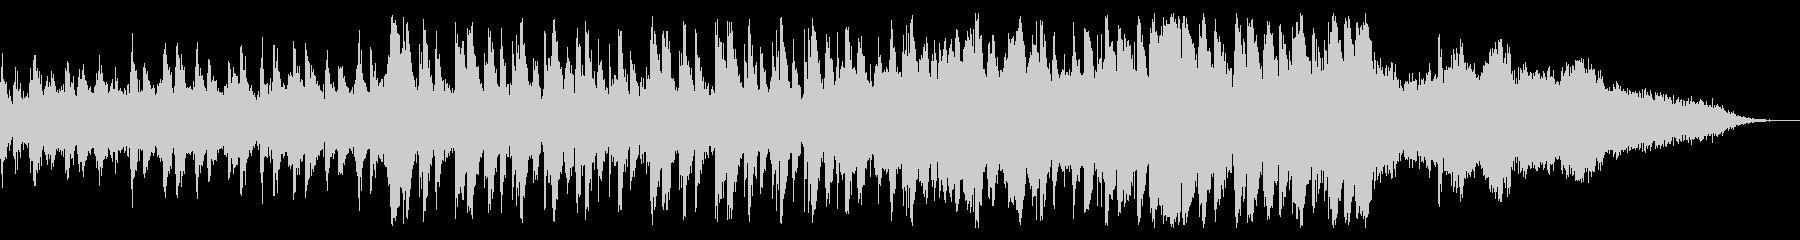 韓国琴カヤグムによる大河ドラマ風な交響曲の未再生の波形